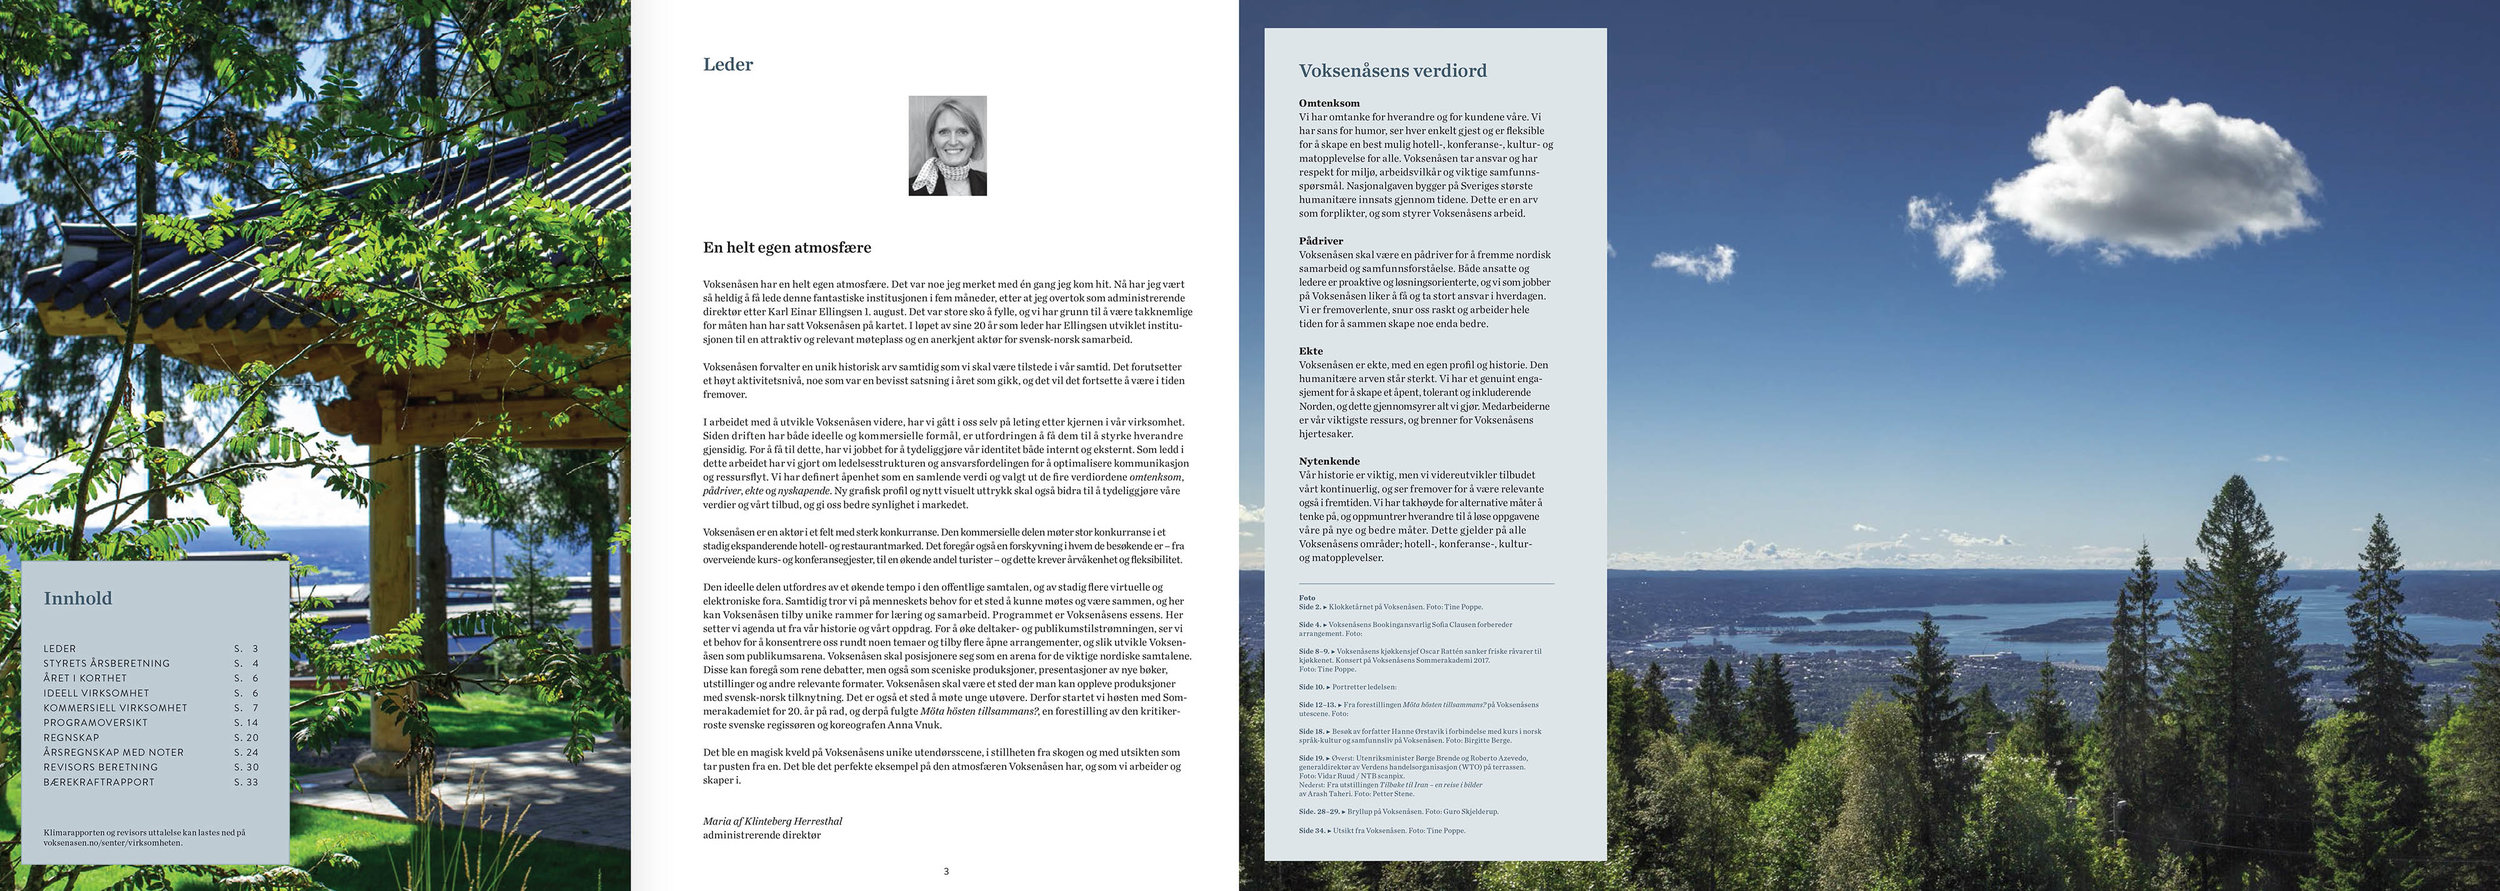 Faksmile av første og siste oppslag i Voksenåsens årsrapport for 2016. Design: Ingun Redalen White